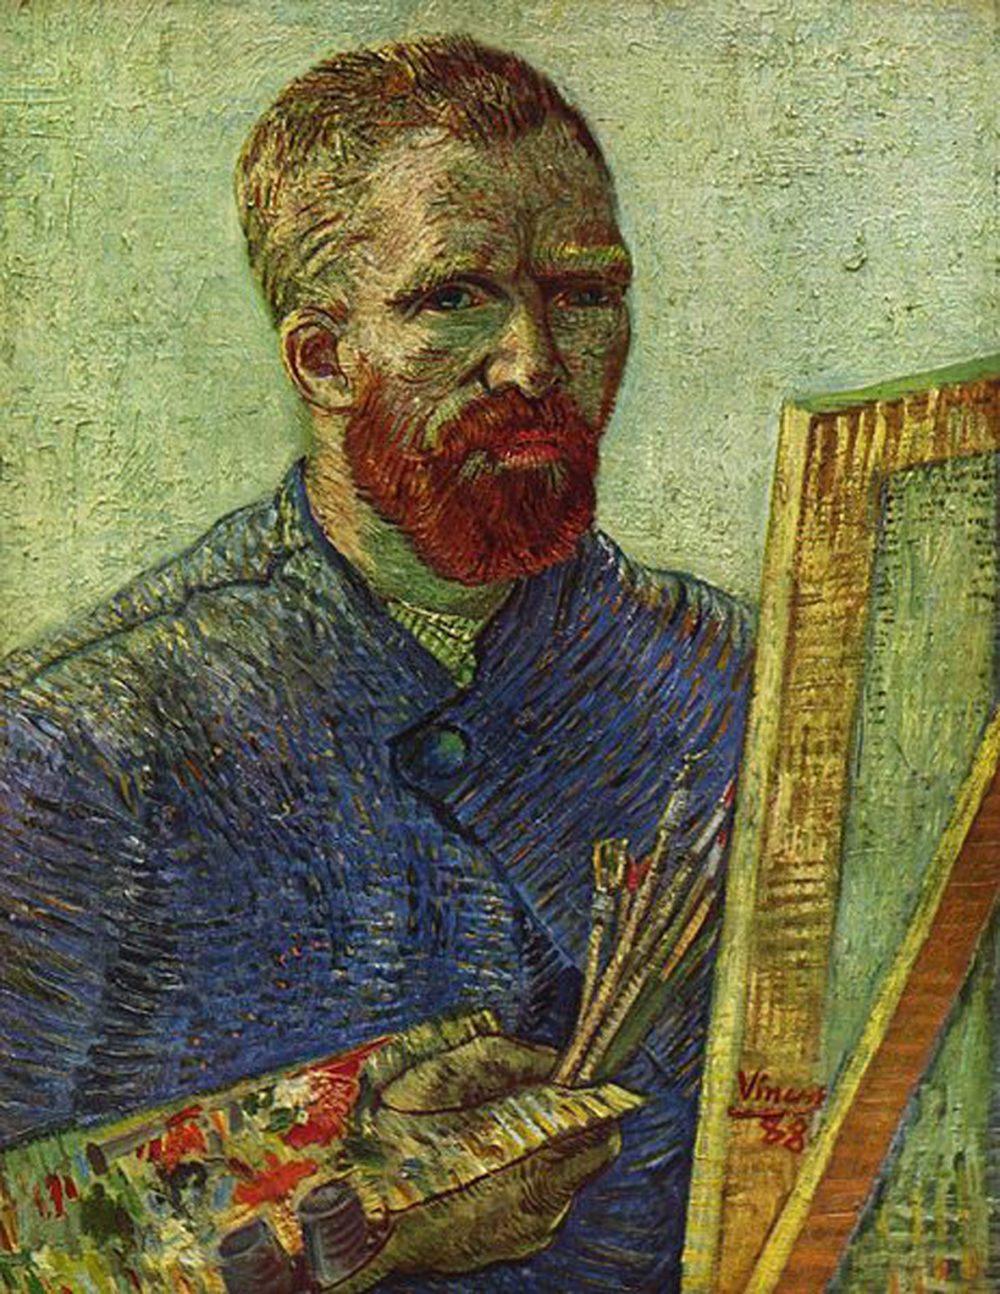 Van Gogh, Selbstporträt vor Staffelei